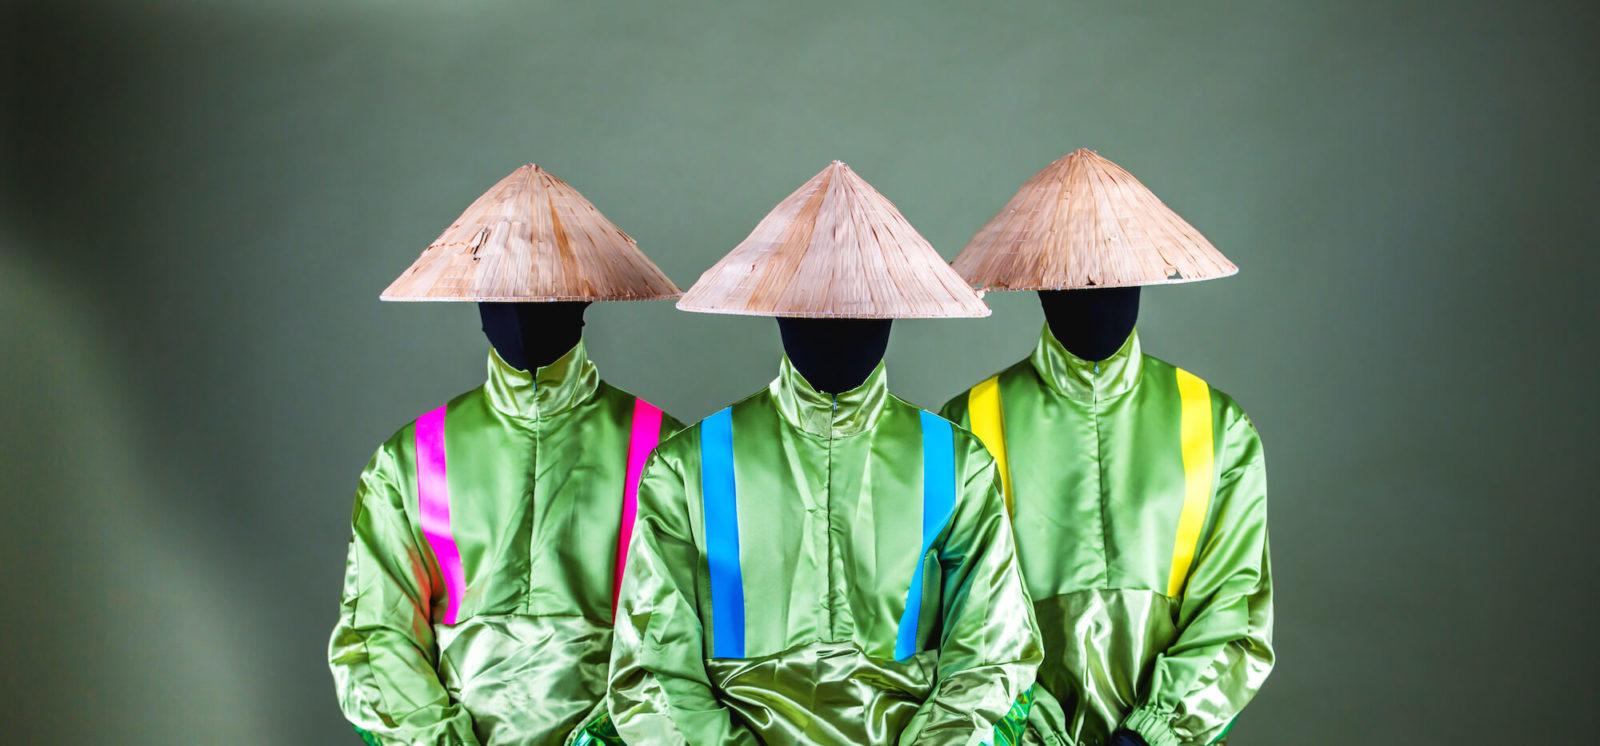 謎のダンスクルー・The Strawhatzが2ndシングル「Power UP!」をリリースサムネイル画像